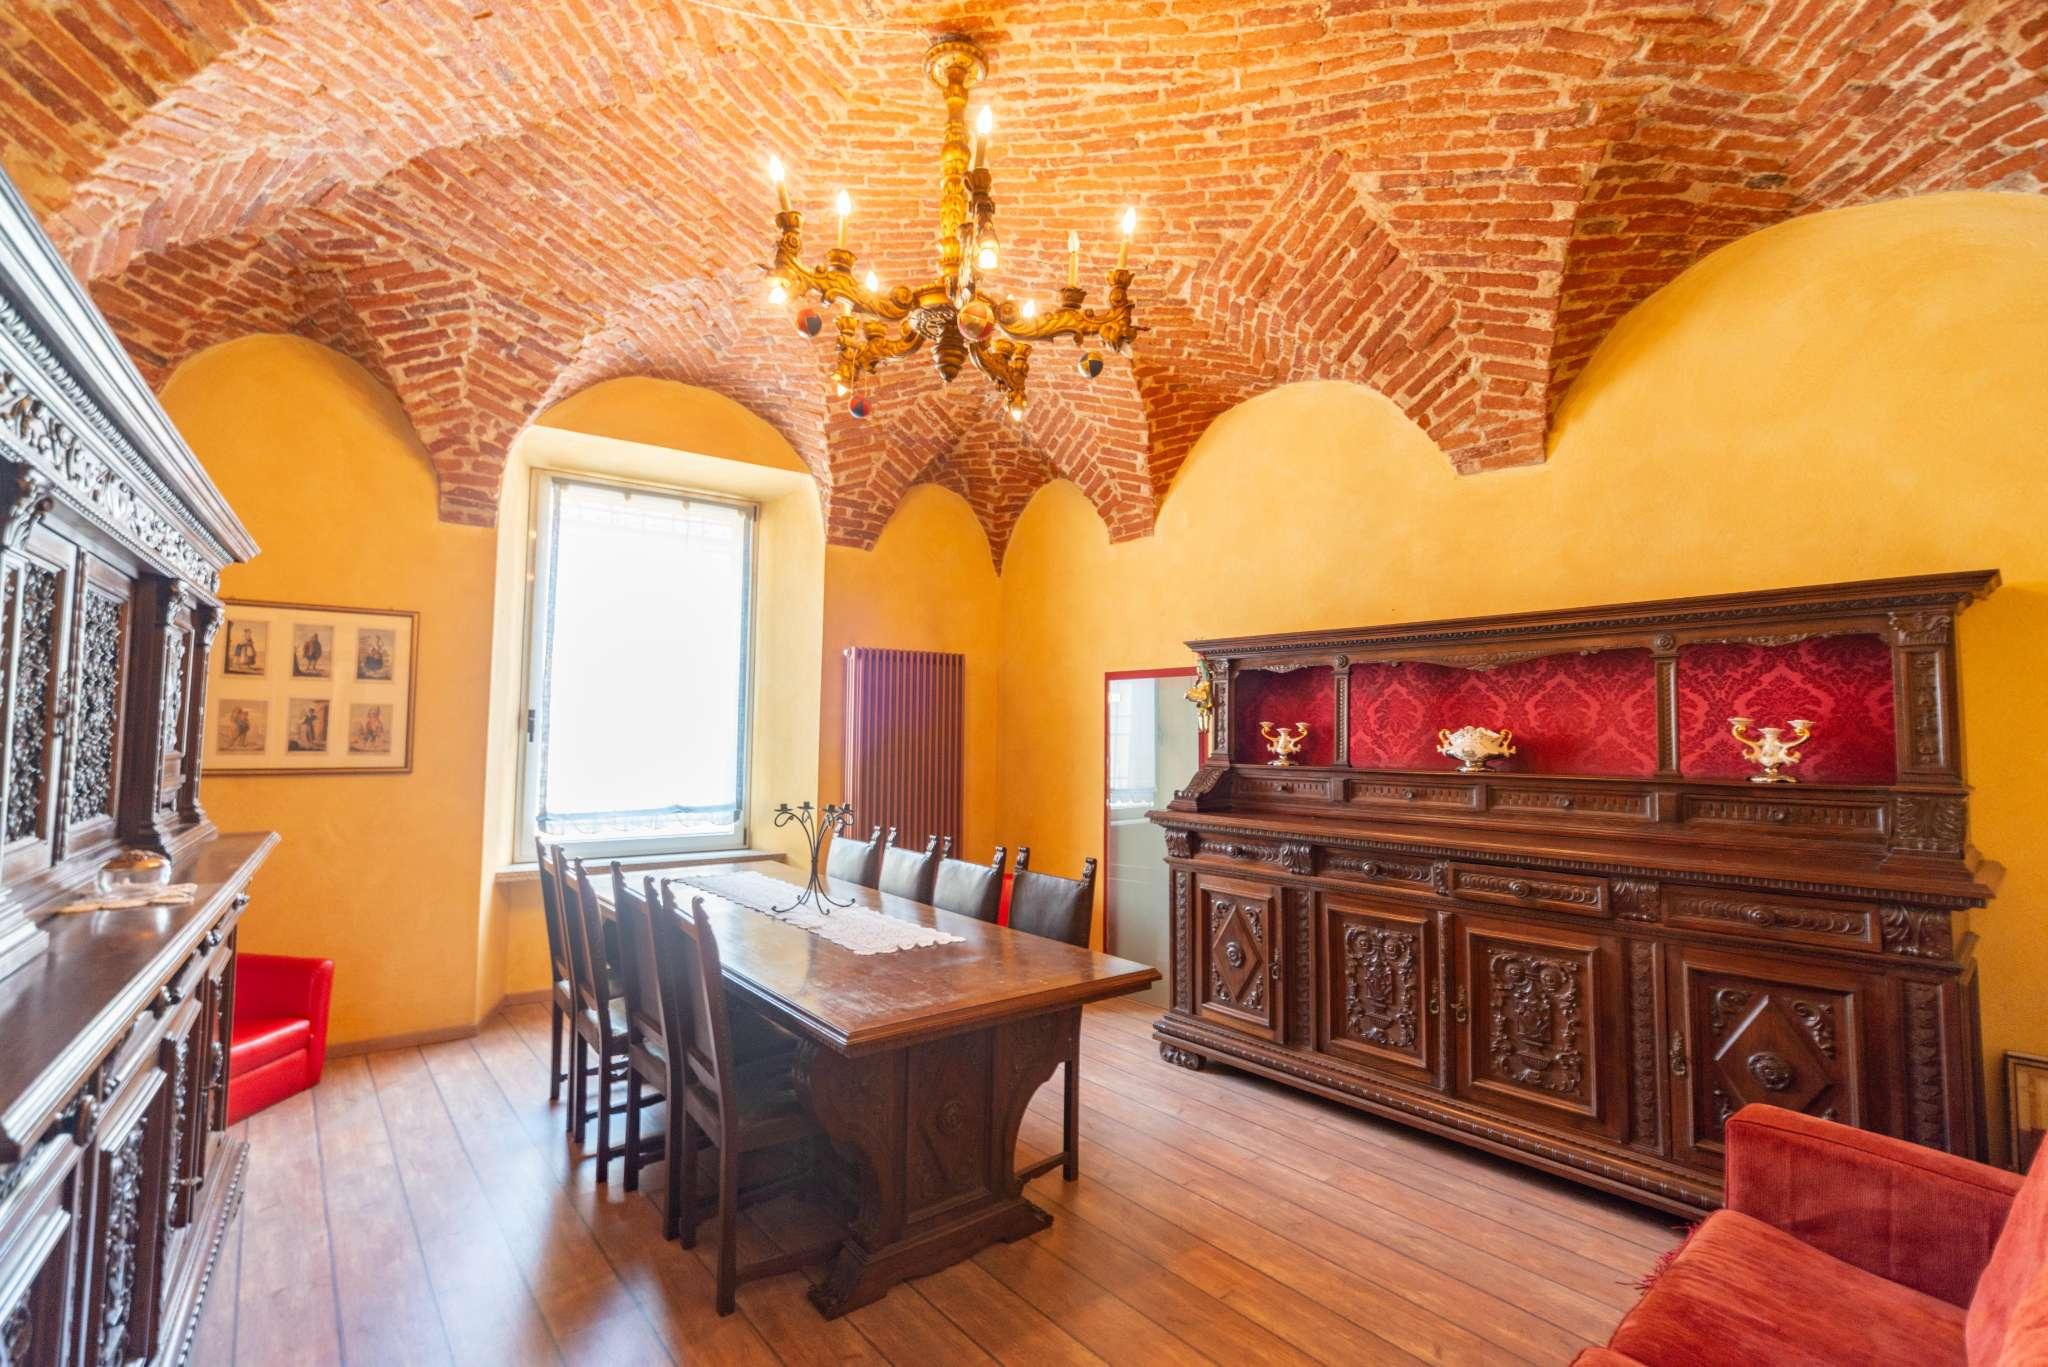 Soluzione Semindipendente in vendita a Busca, 4 locali, prezzo € 268.000 | PortaleAgenzieImmobiliari.it